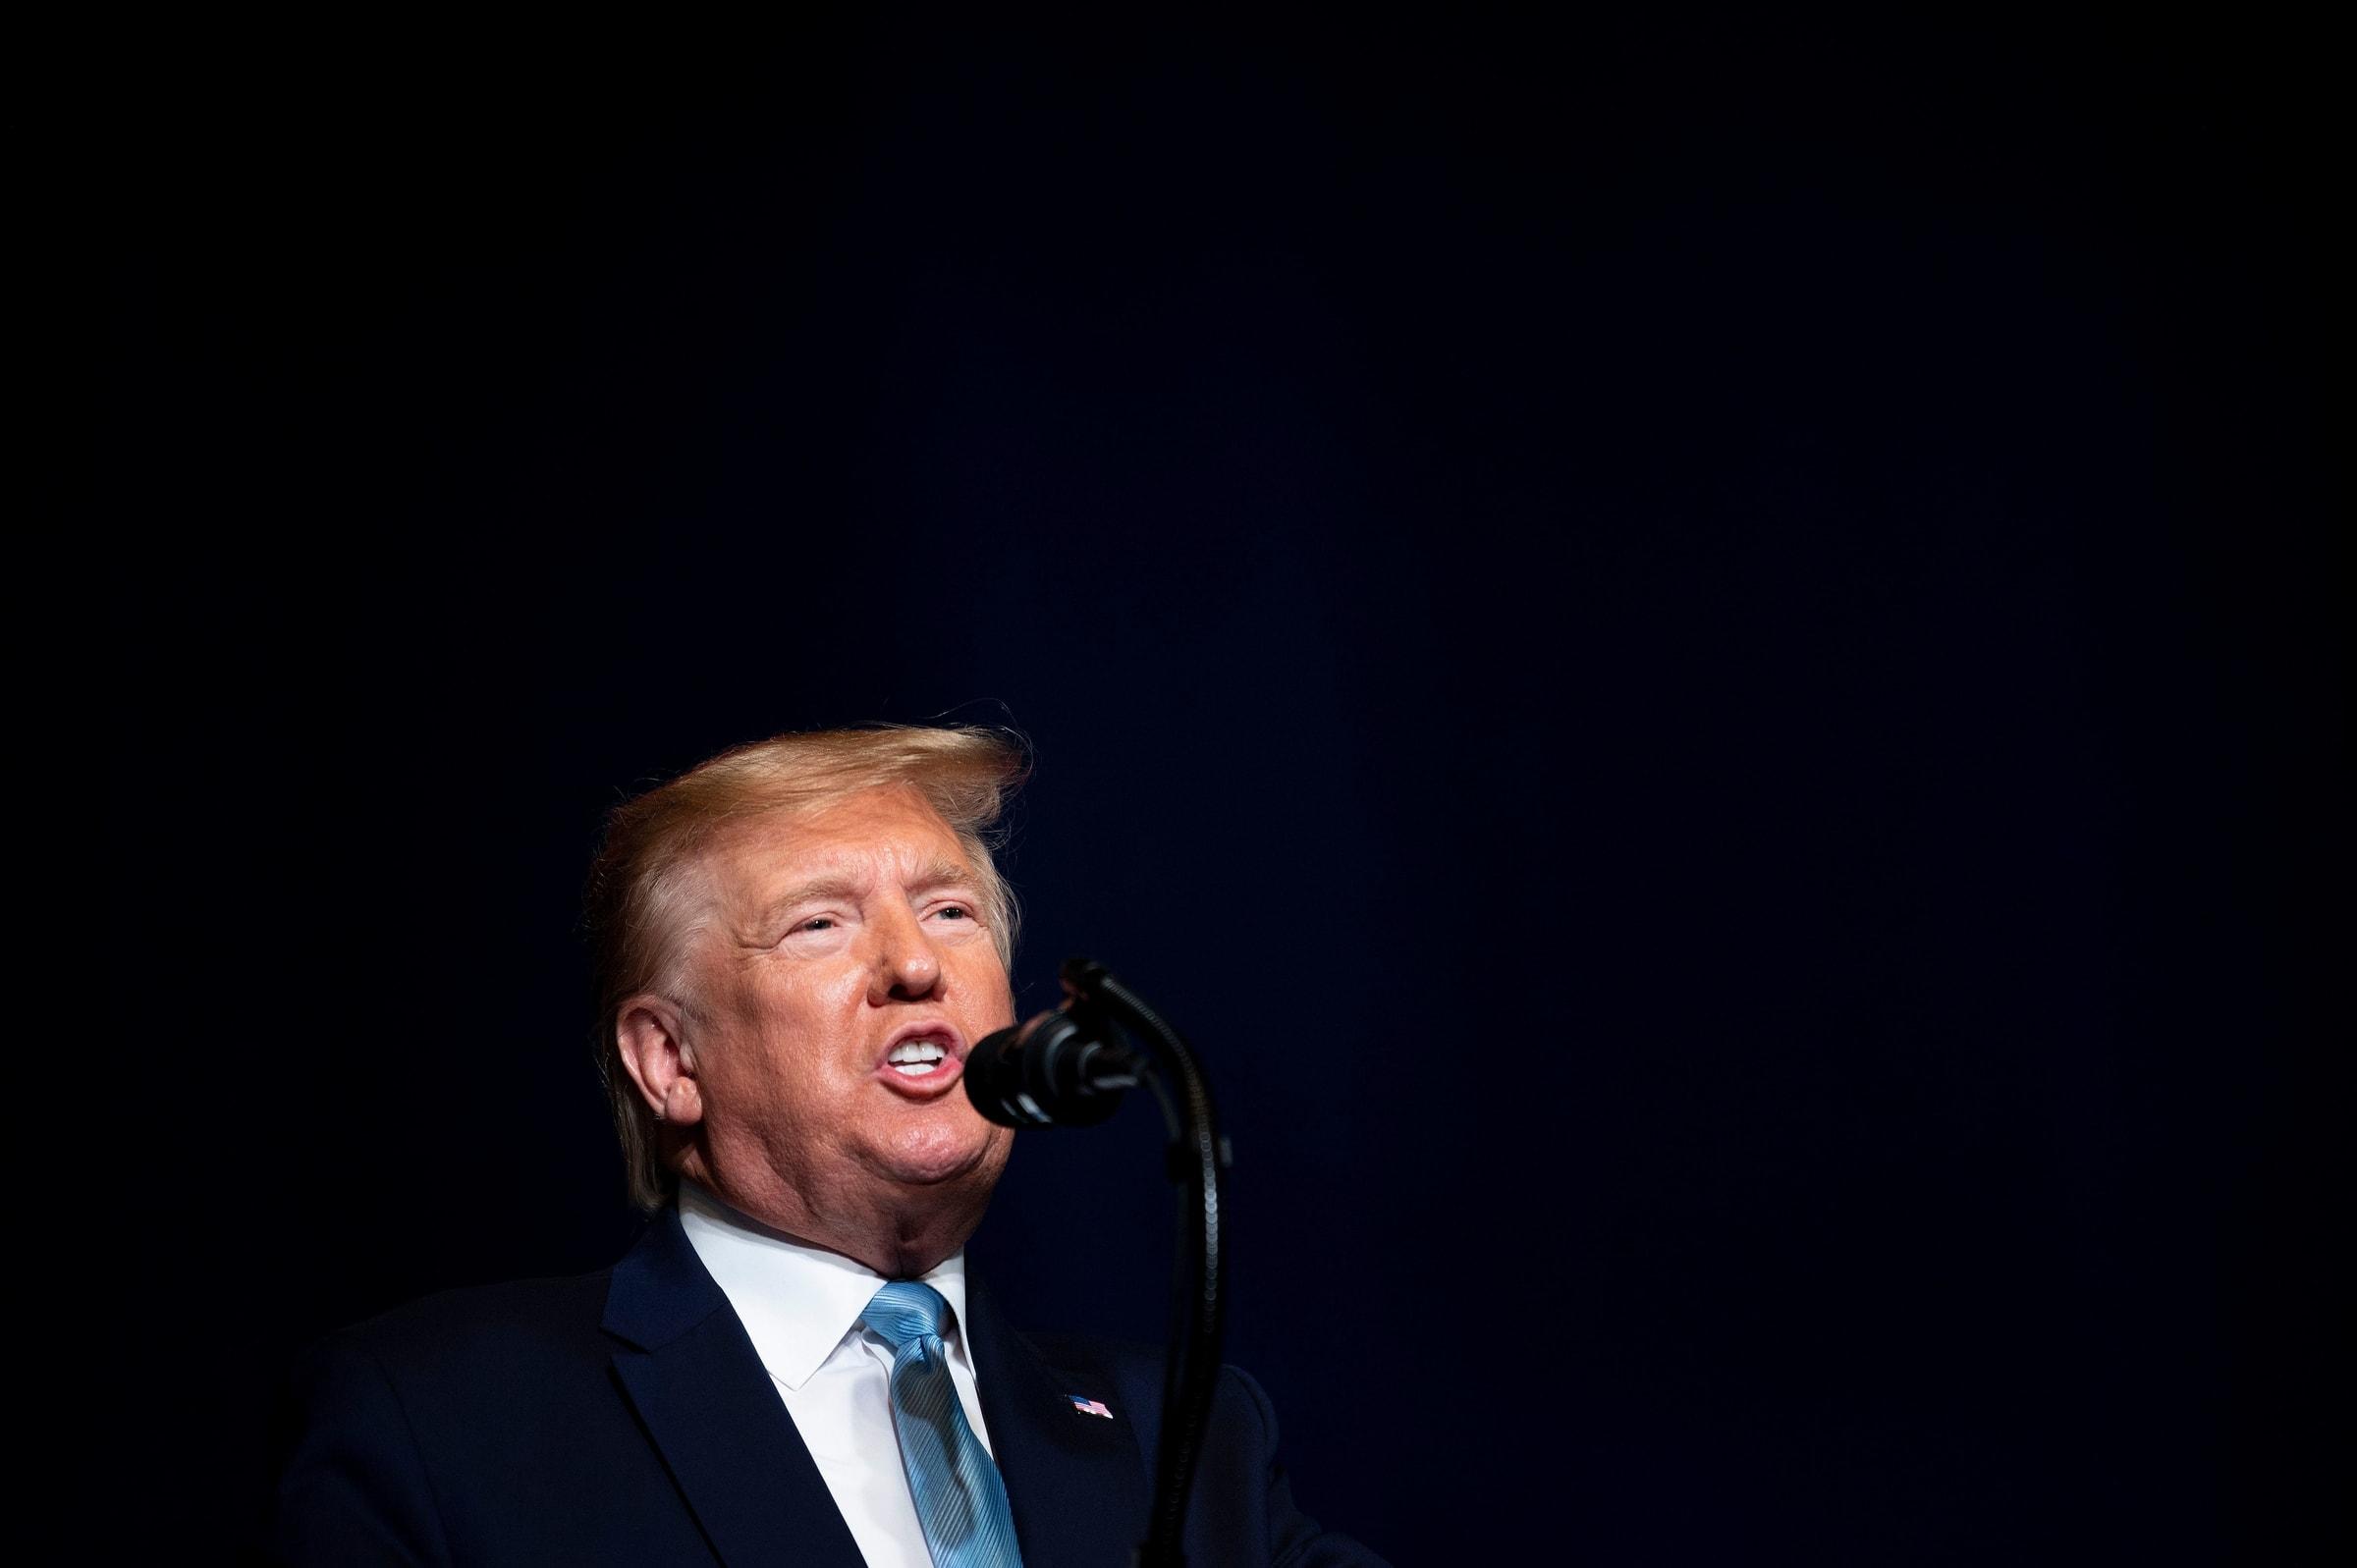 Tổng thống Donald Trump: Quốc hội Mỹ hãy cập nhật các chỉ đạo của tôi qua Twitter nhé!